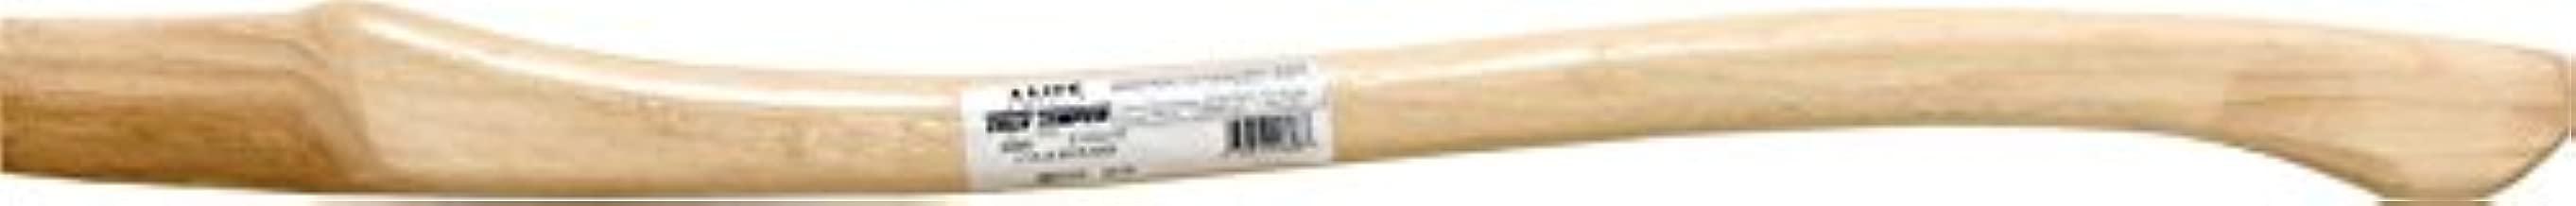 True Temper 2020900 Replacement Boy's Axe Hardwood Handle, 28-Inch